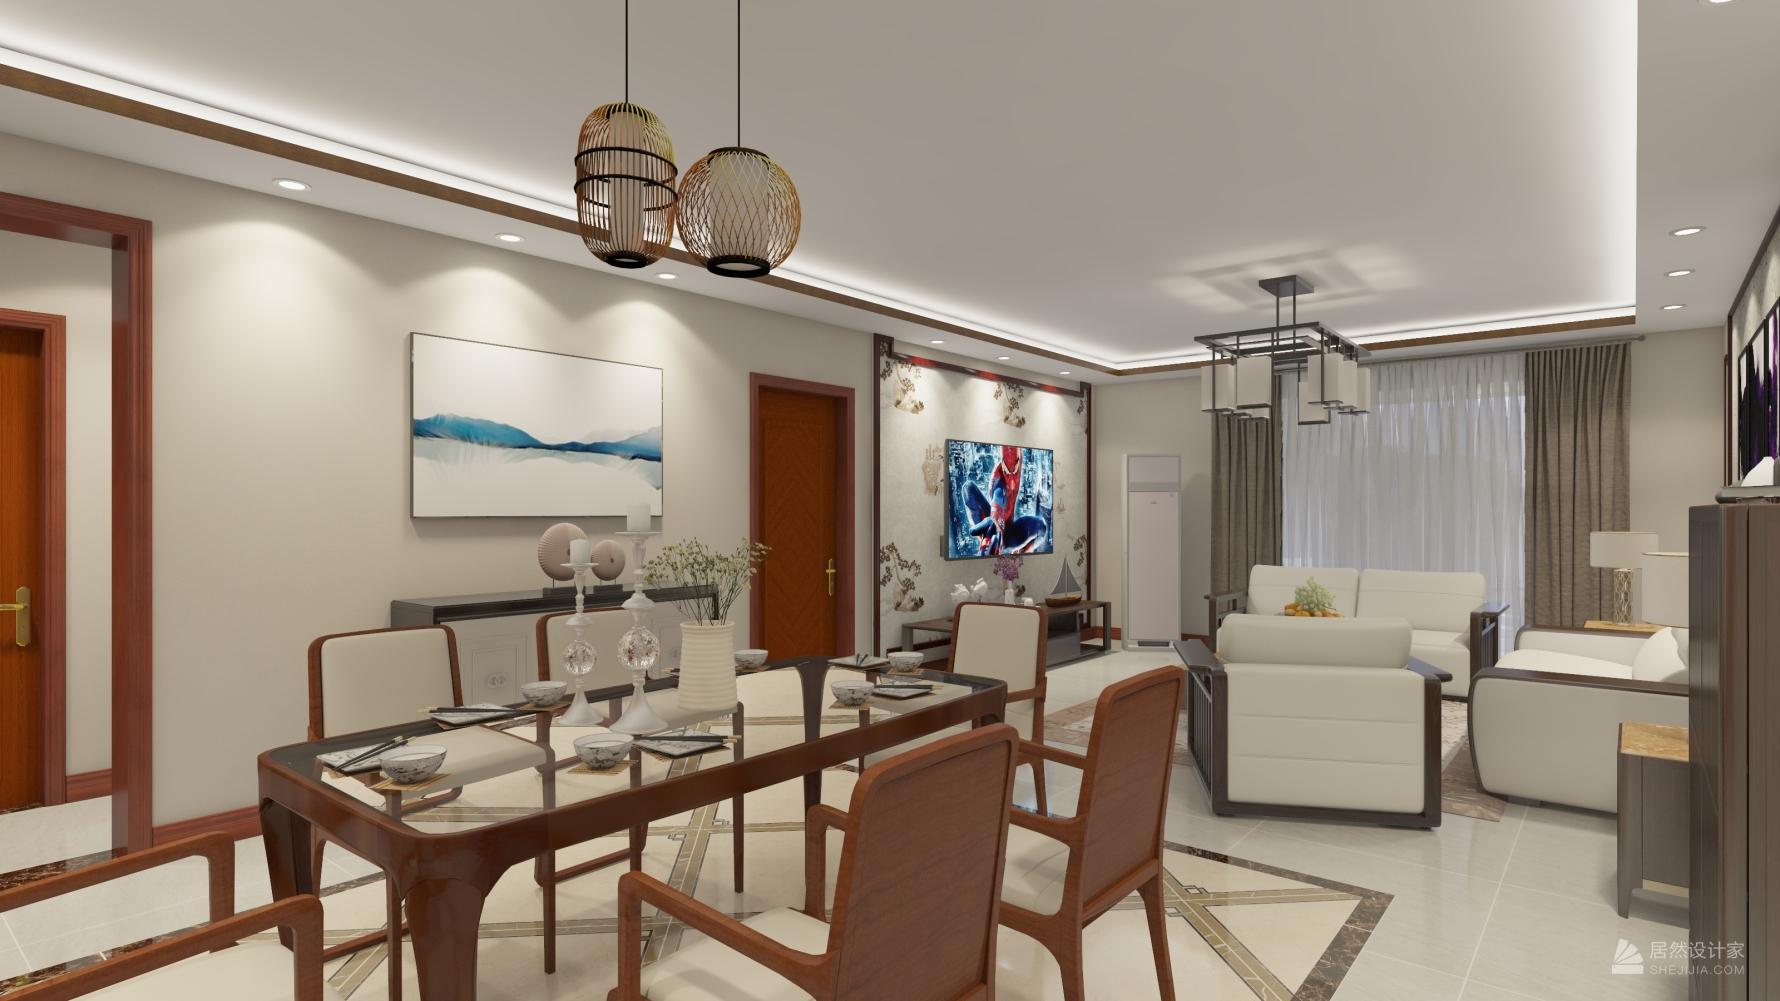 中式风格三室一厅装修设计效果图